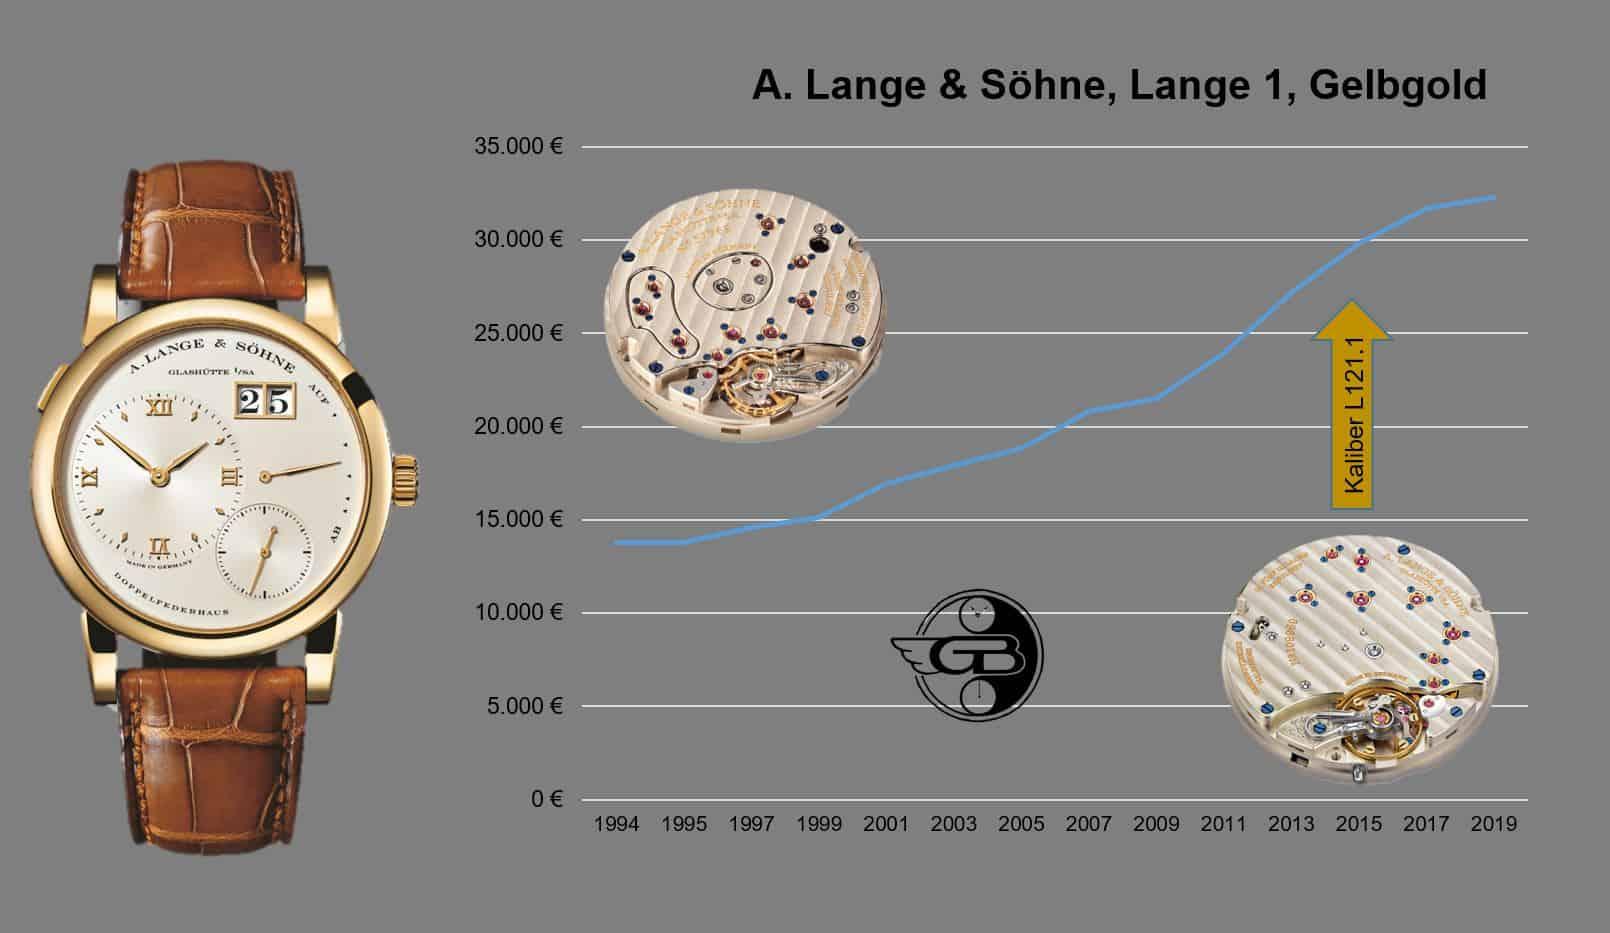 A. Lange Söhne Lange 1 Preisentwicklung 1994 2019